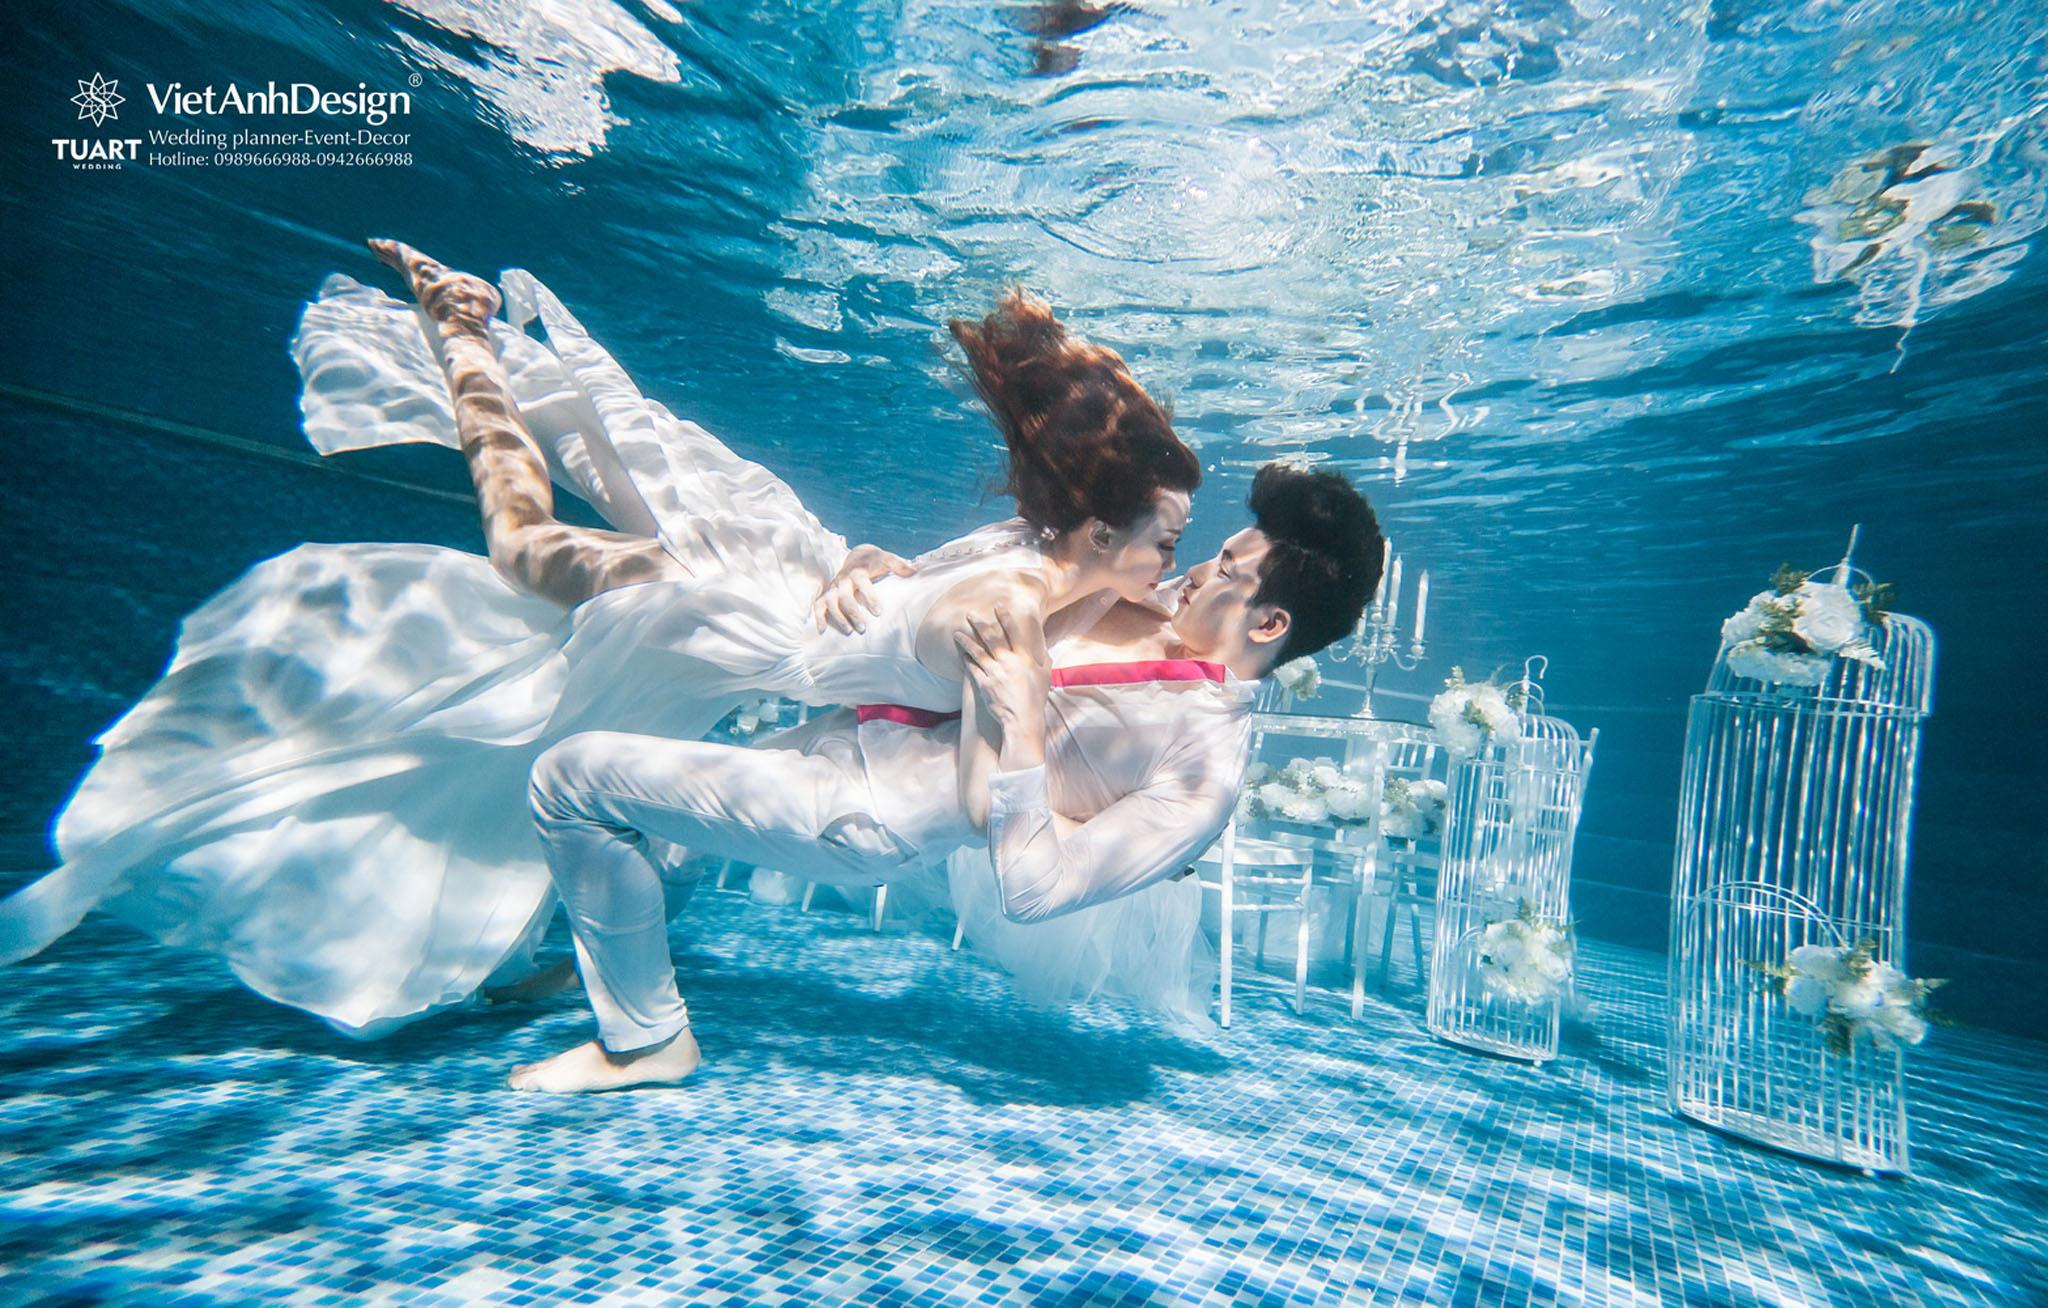 Kinh nghiệm chụp ảnh cưới đẹp và lãng mạn ở dưới nước